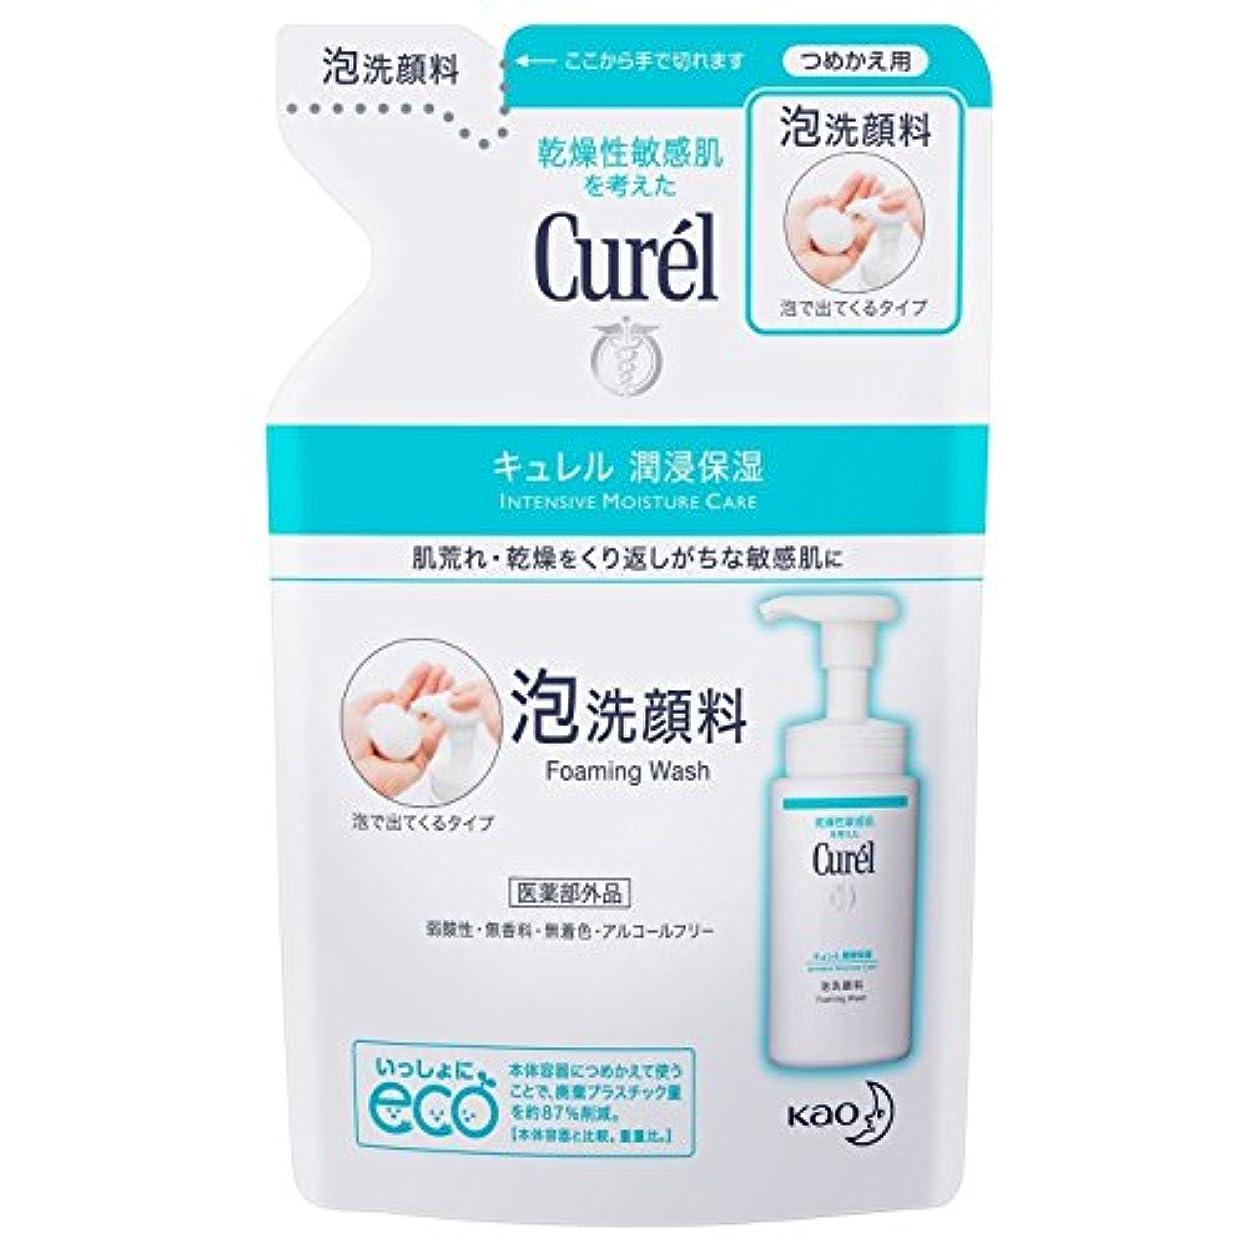 シュート路地とても多くの【花王】Curel(キュレル) 泡洗顔料 つめかえ用 130ml ×5個セット